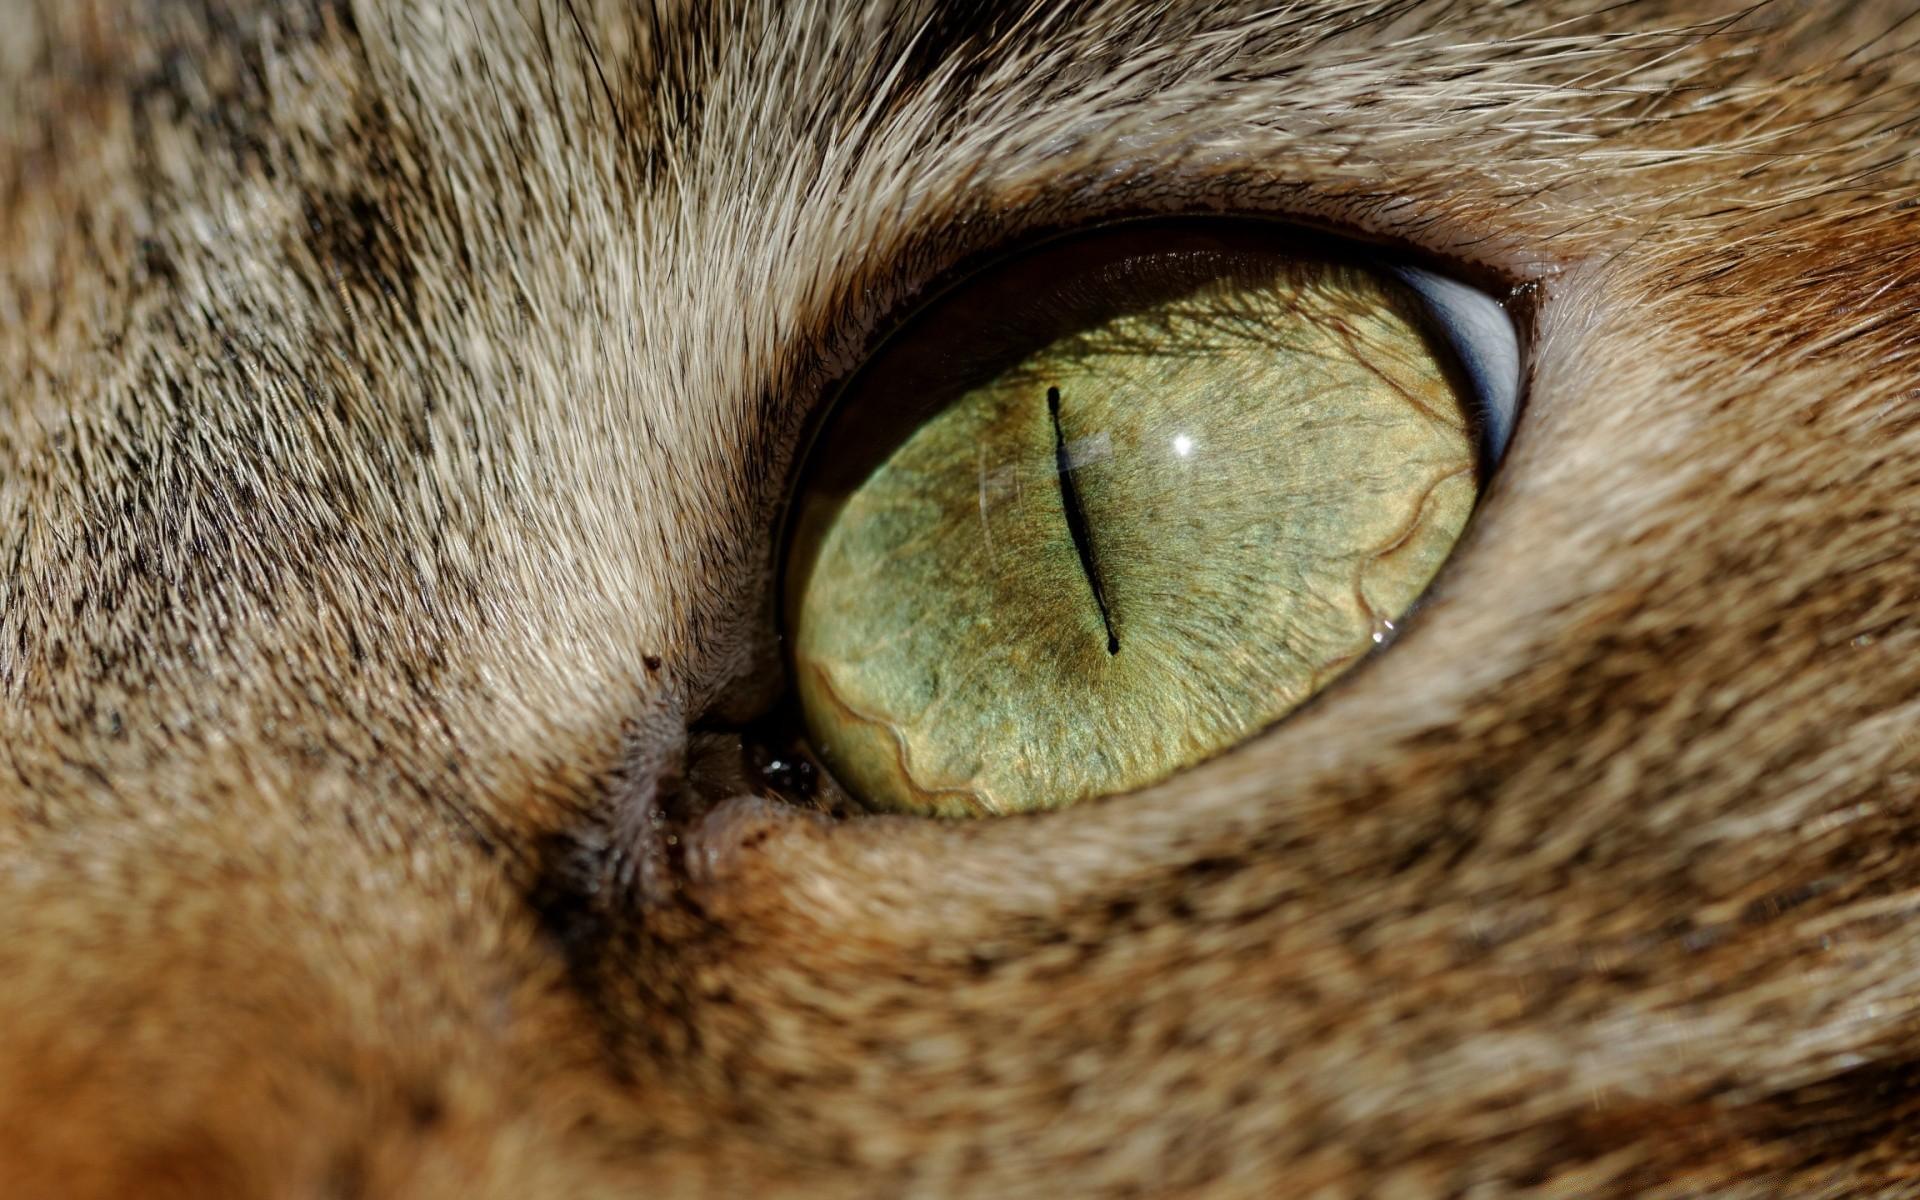 живая картинка глаз кошки вырезания трафарета